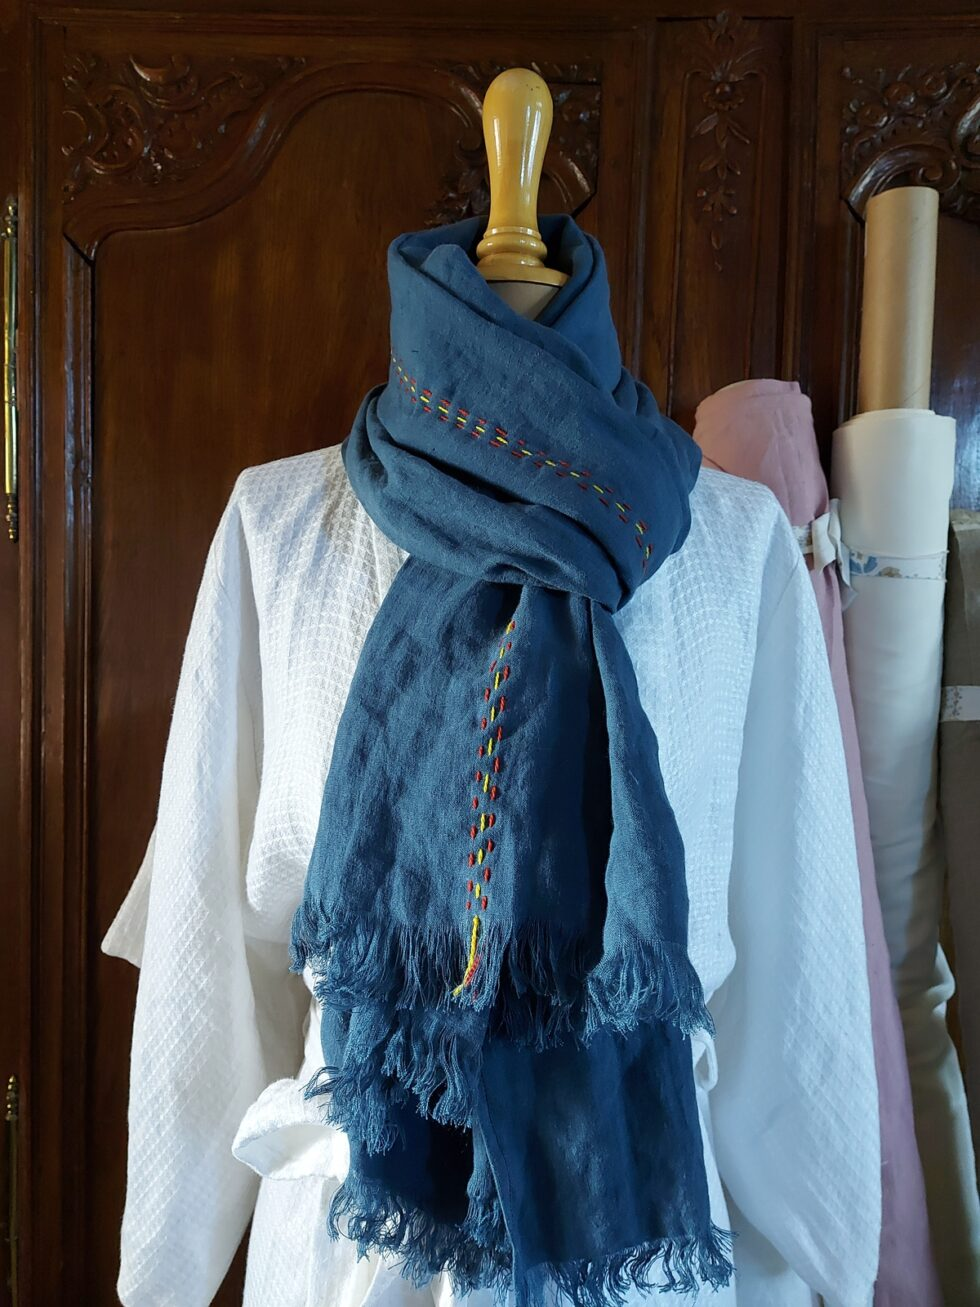 echarpe en lin avec broderie en laine Merinos @maisonnormande.boutique